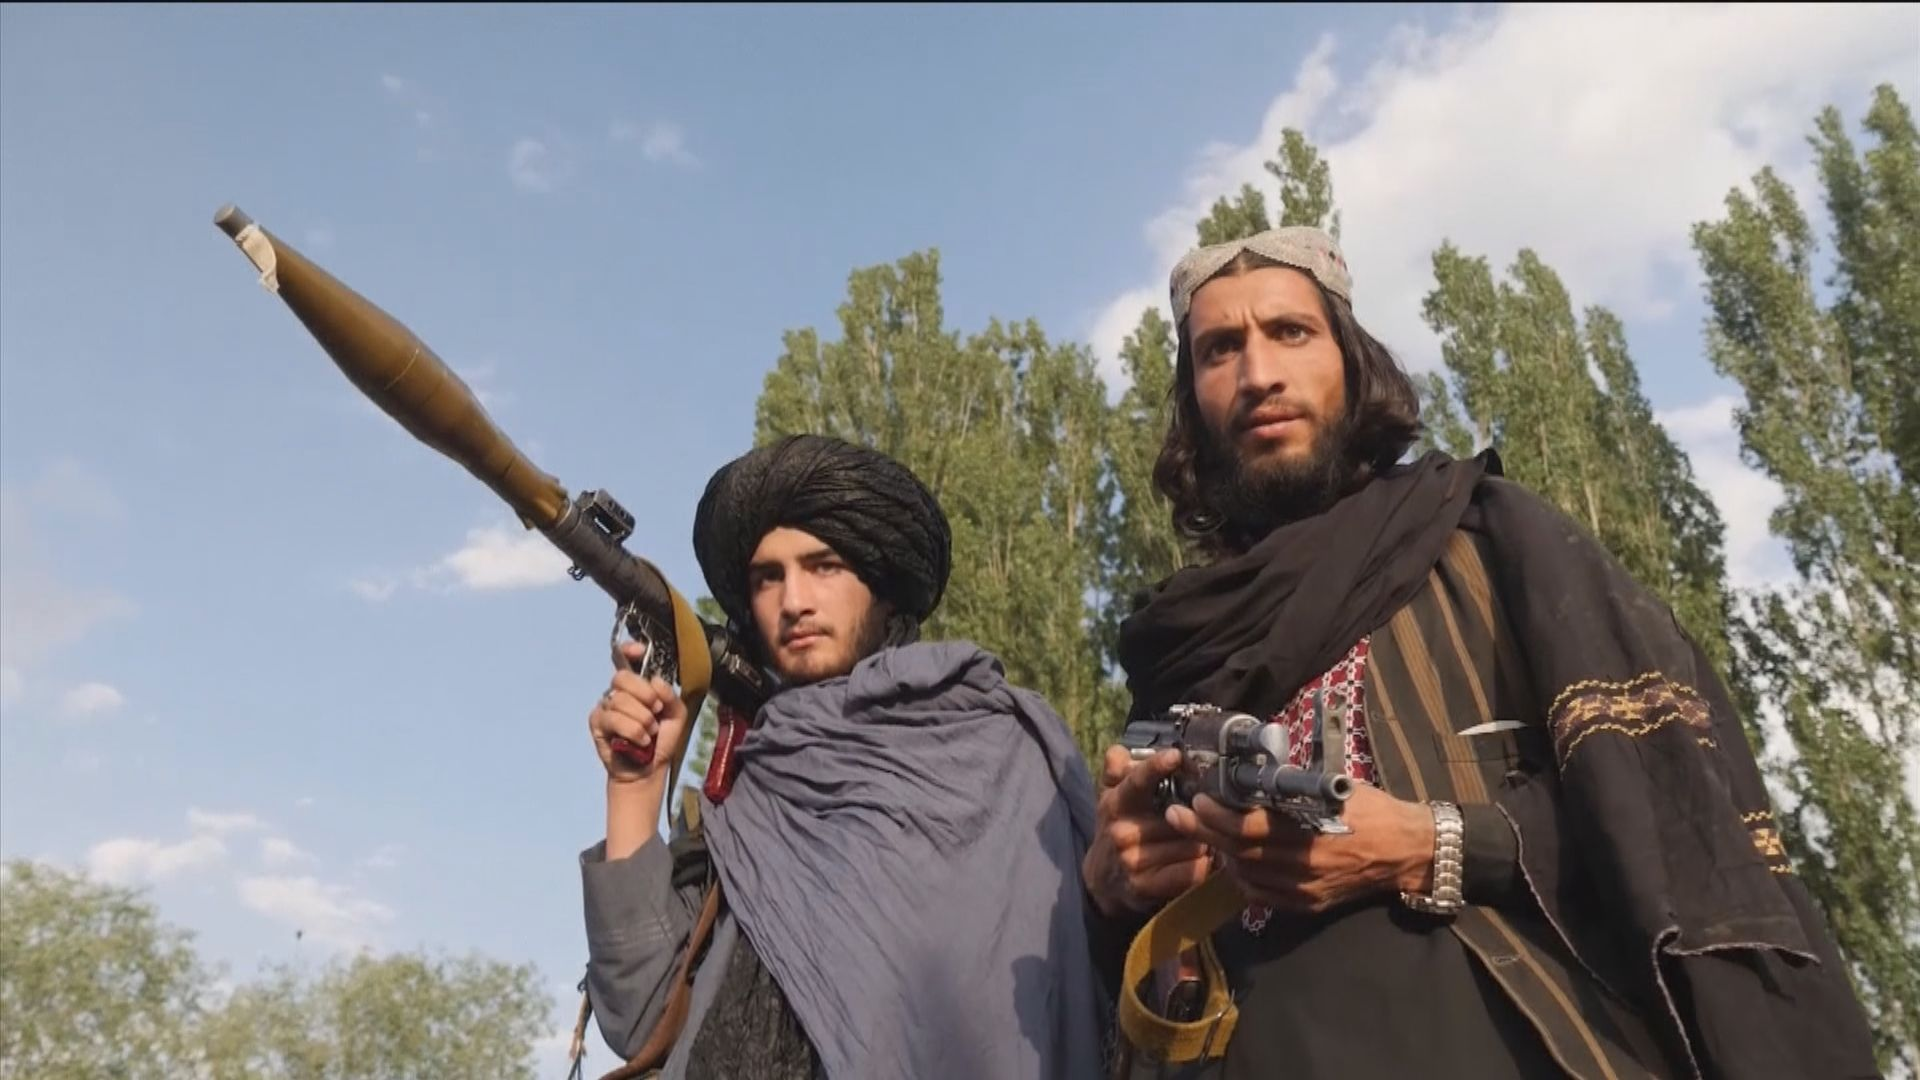 據報中國憂新疆穩定受影響 已跟阿富汗塔利班對話